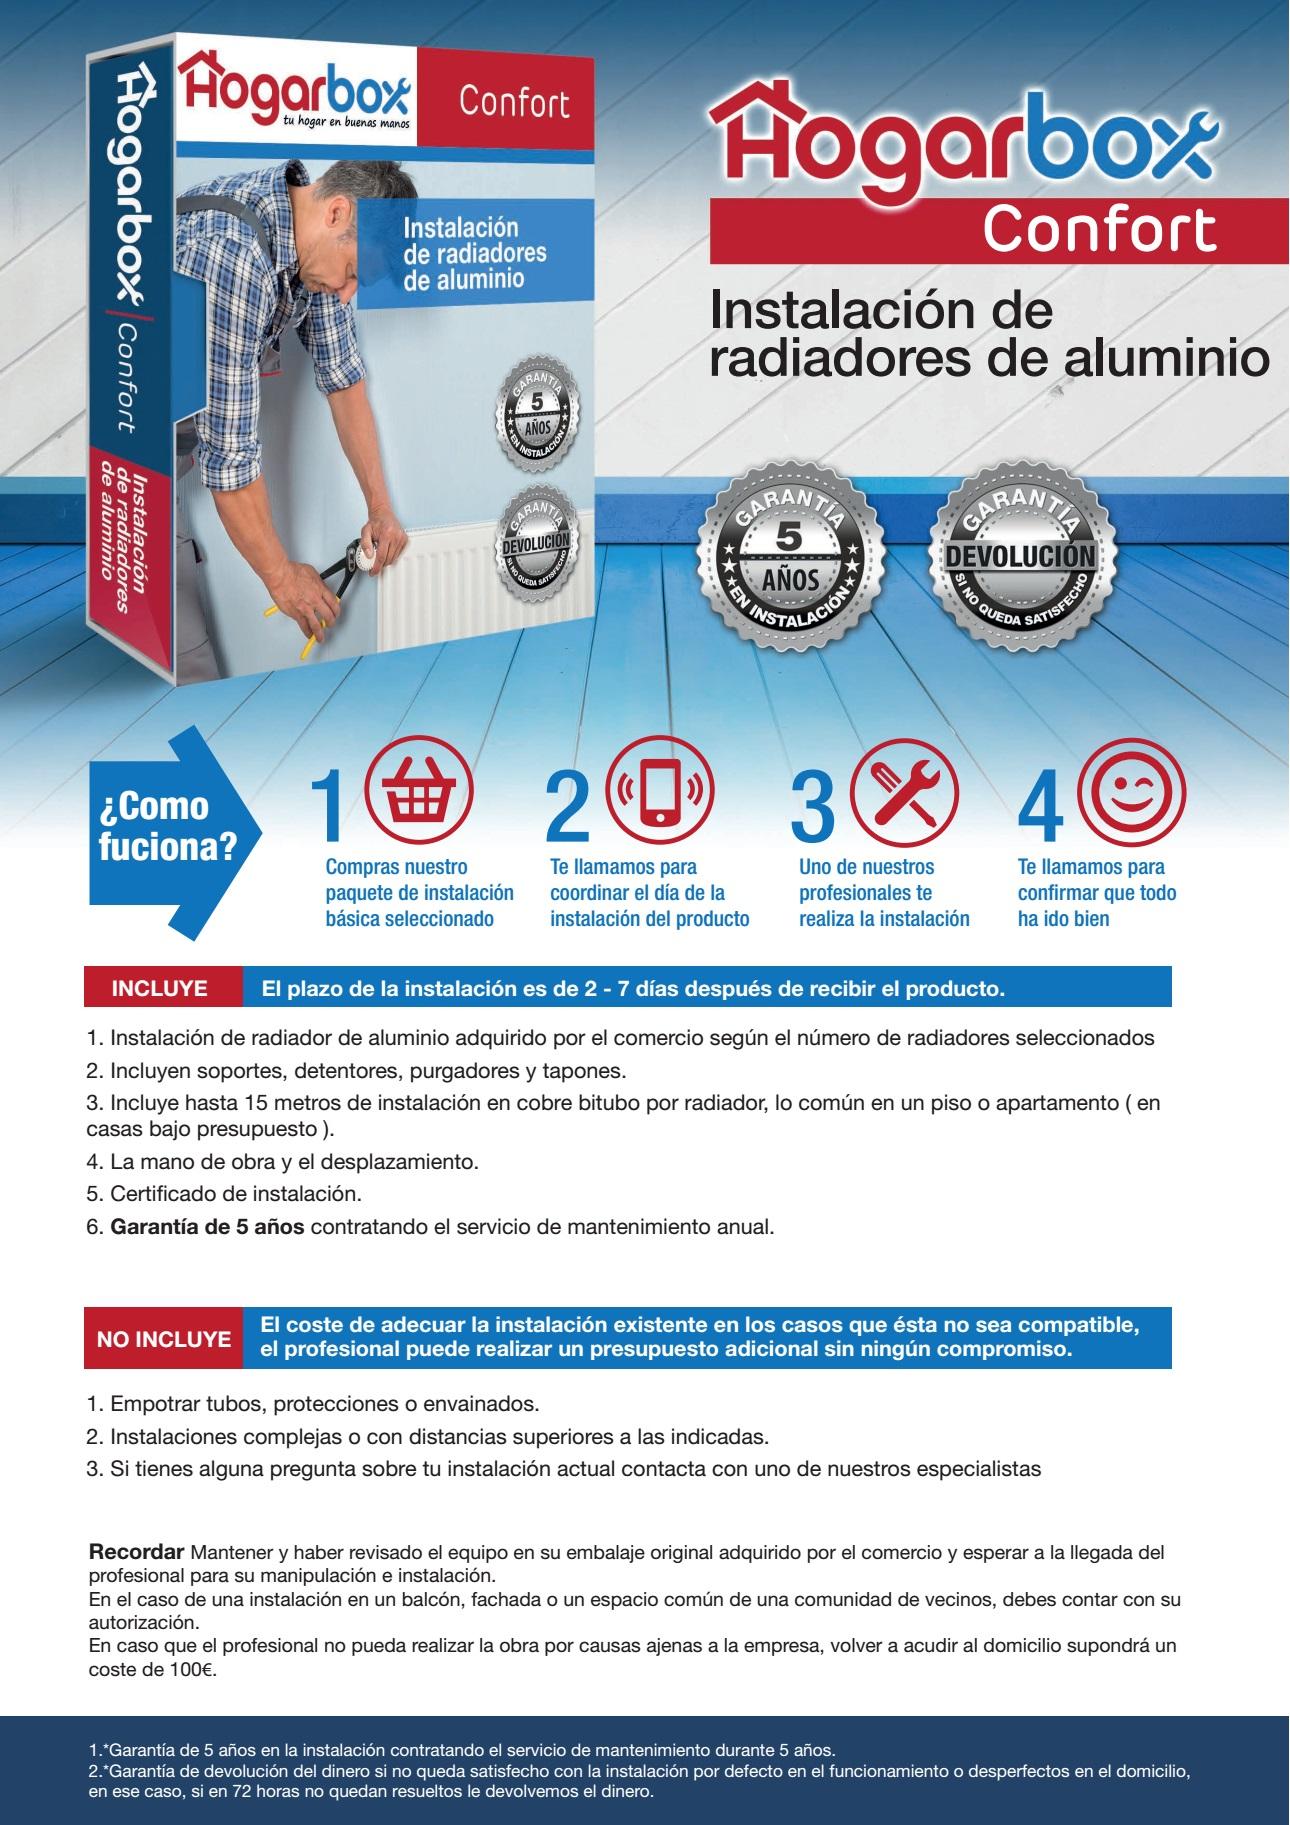 Hogarbox confort precio instalaci n radiadores for Precio instalacion calefaccion radiadores